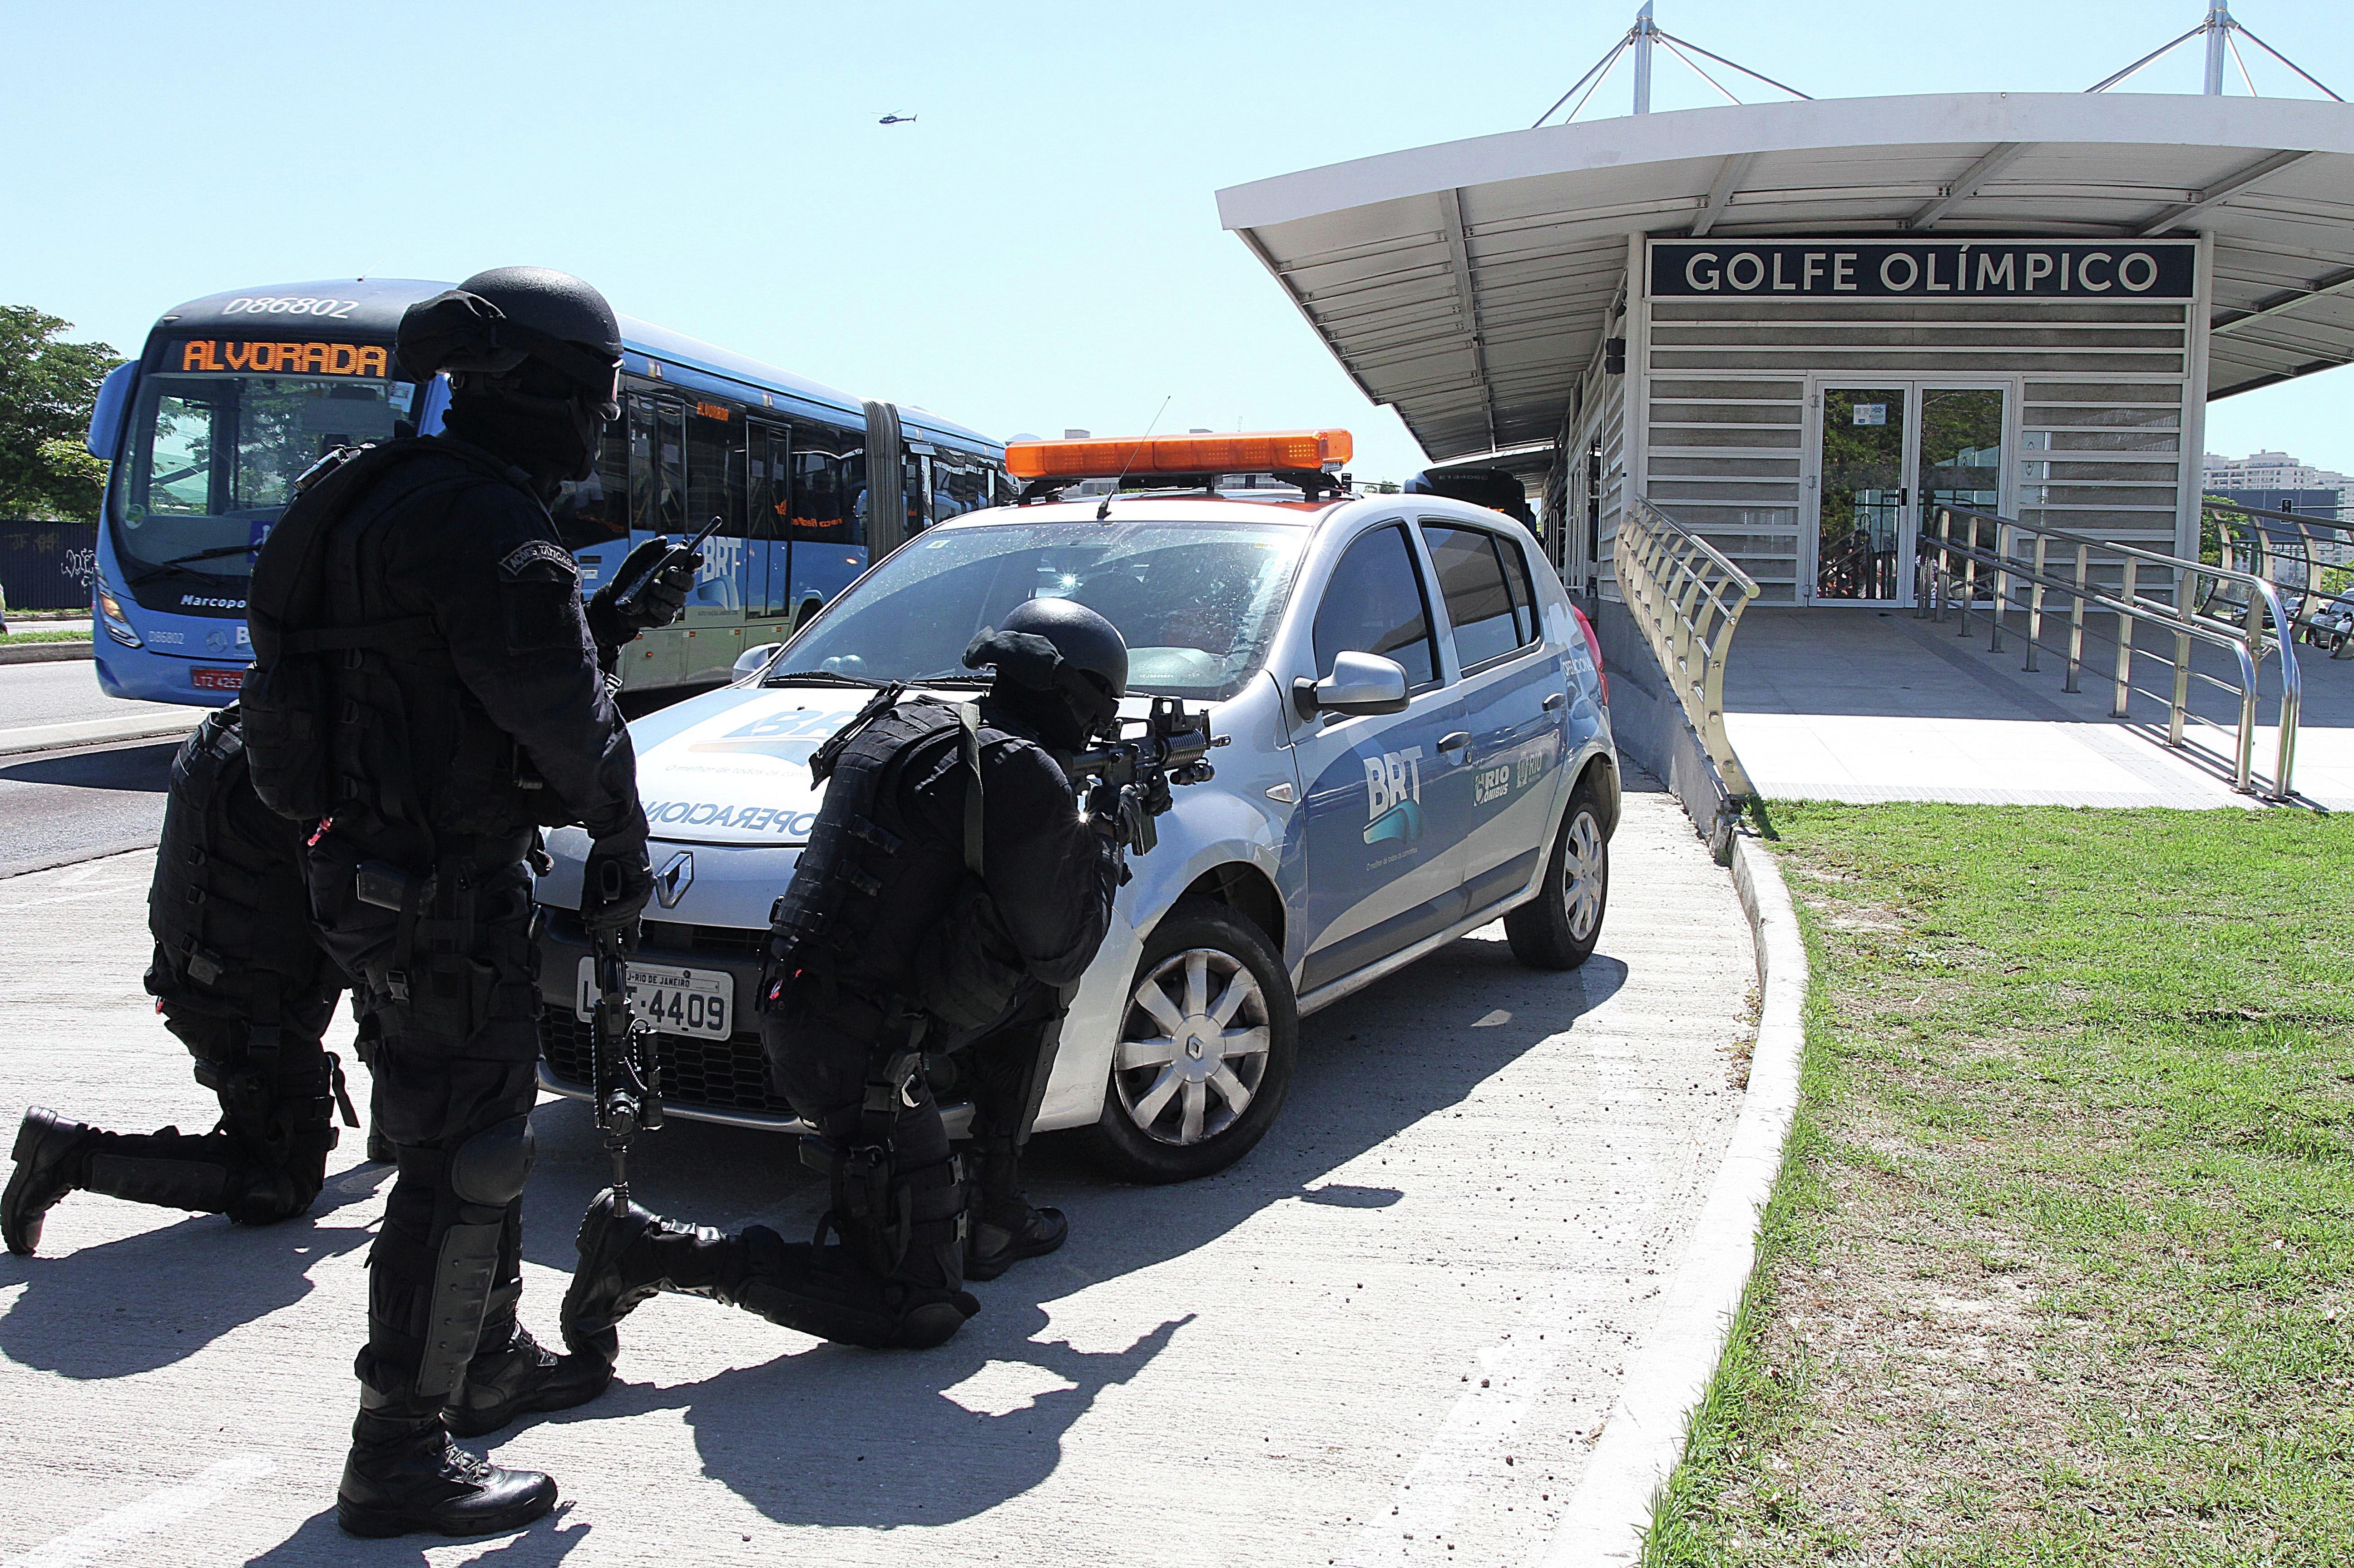 Agentes de la Unidad Táctica del BOPE se posicionan a las afueras de la estación Golfe Olímpico durante el simulacro de secuestro